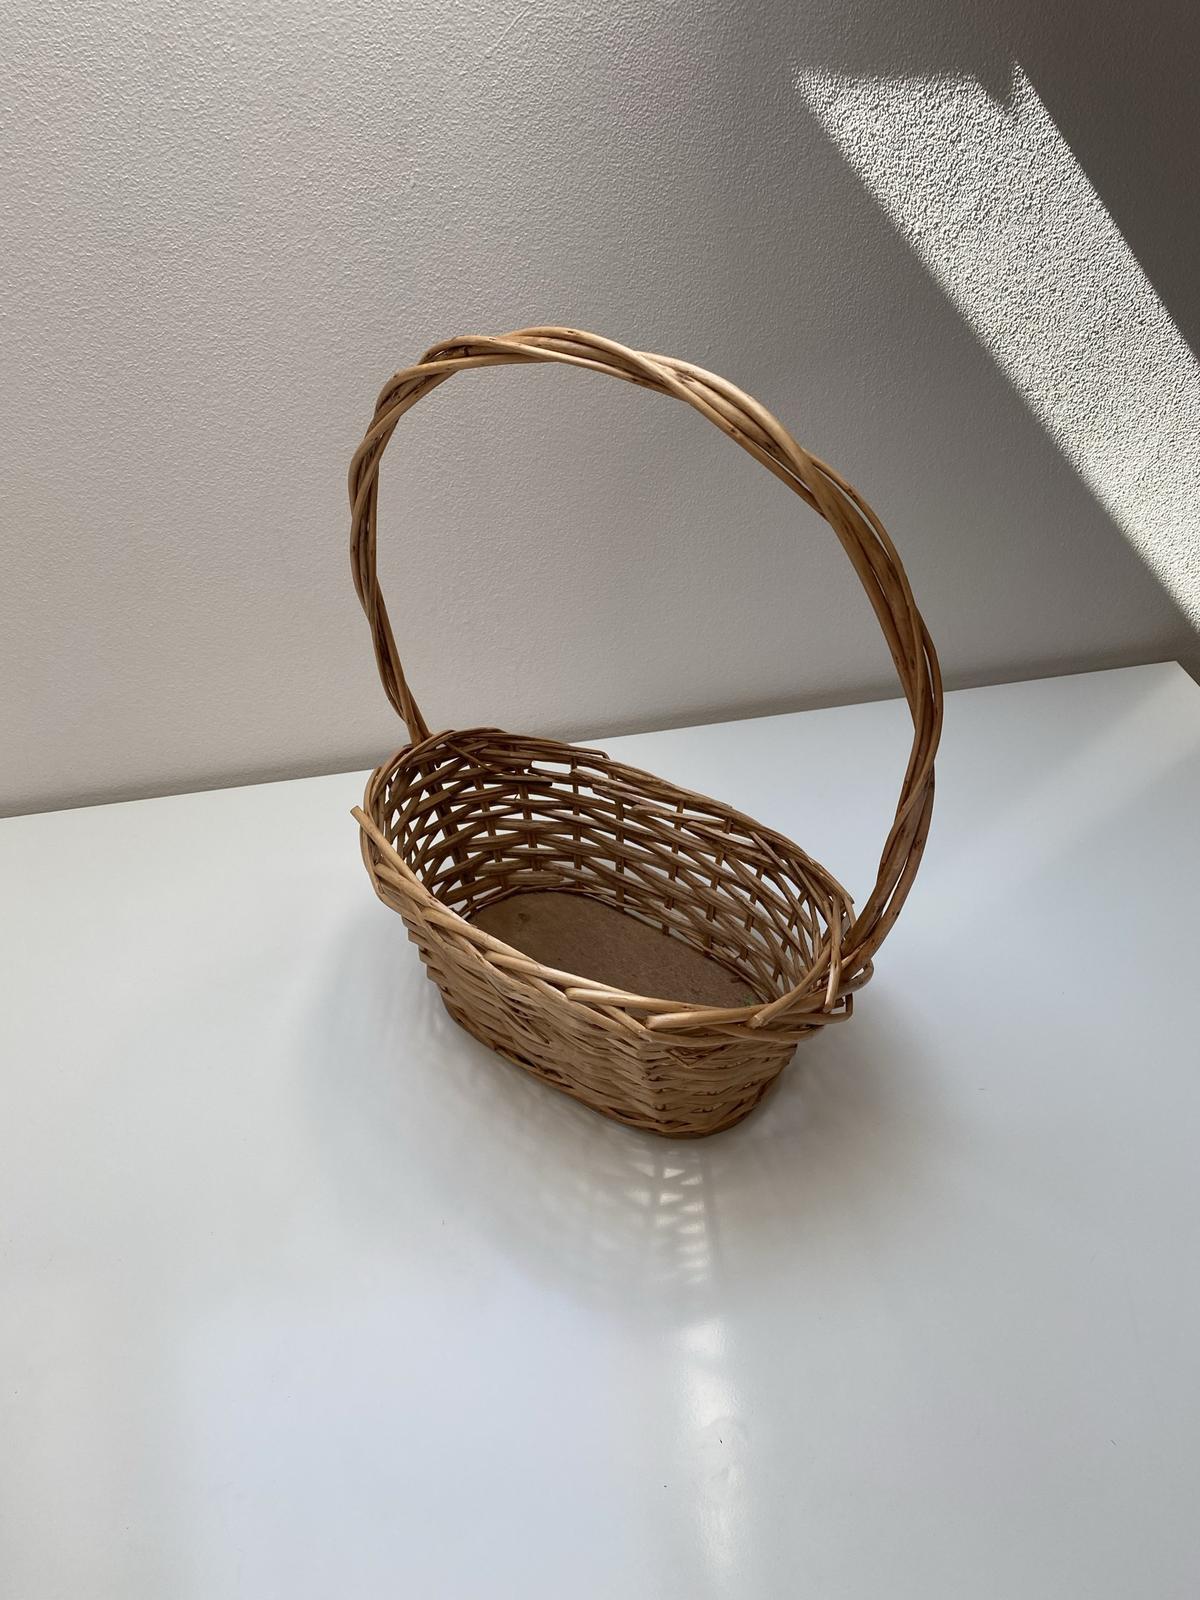 Košík - Obrázek č. 1